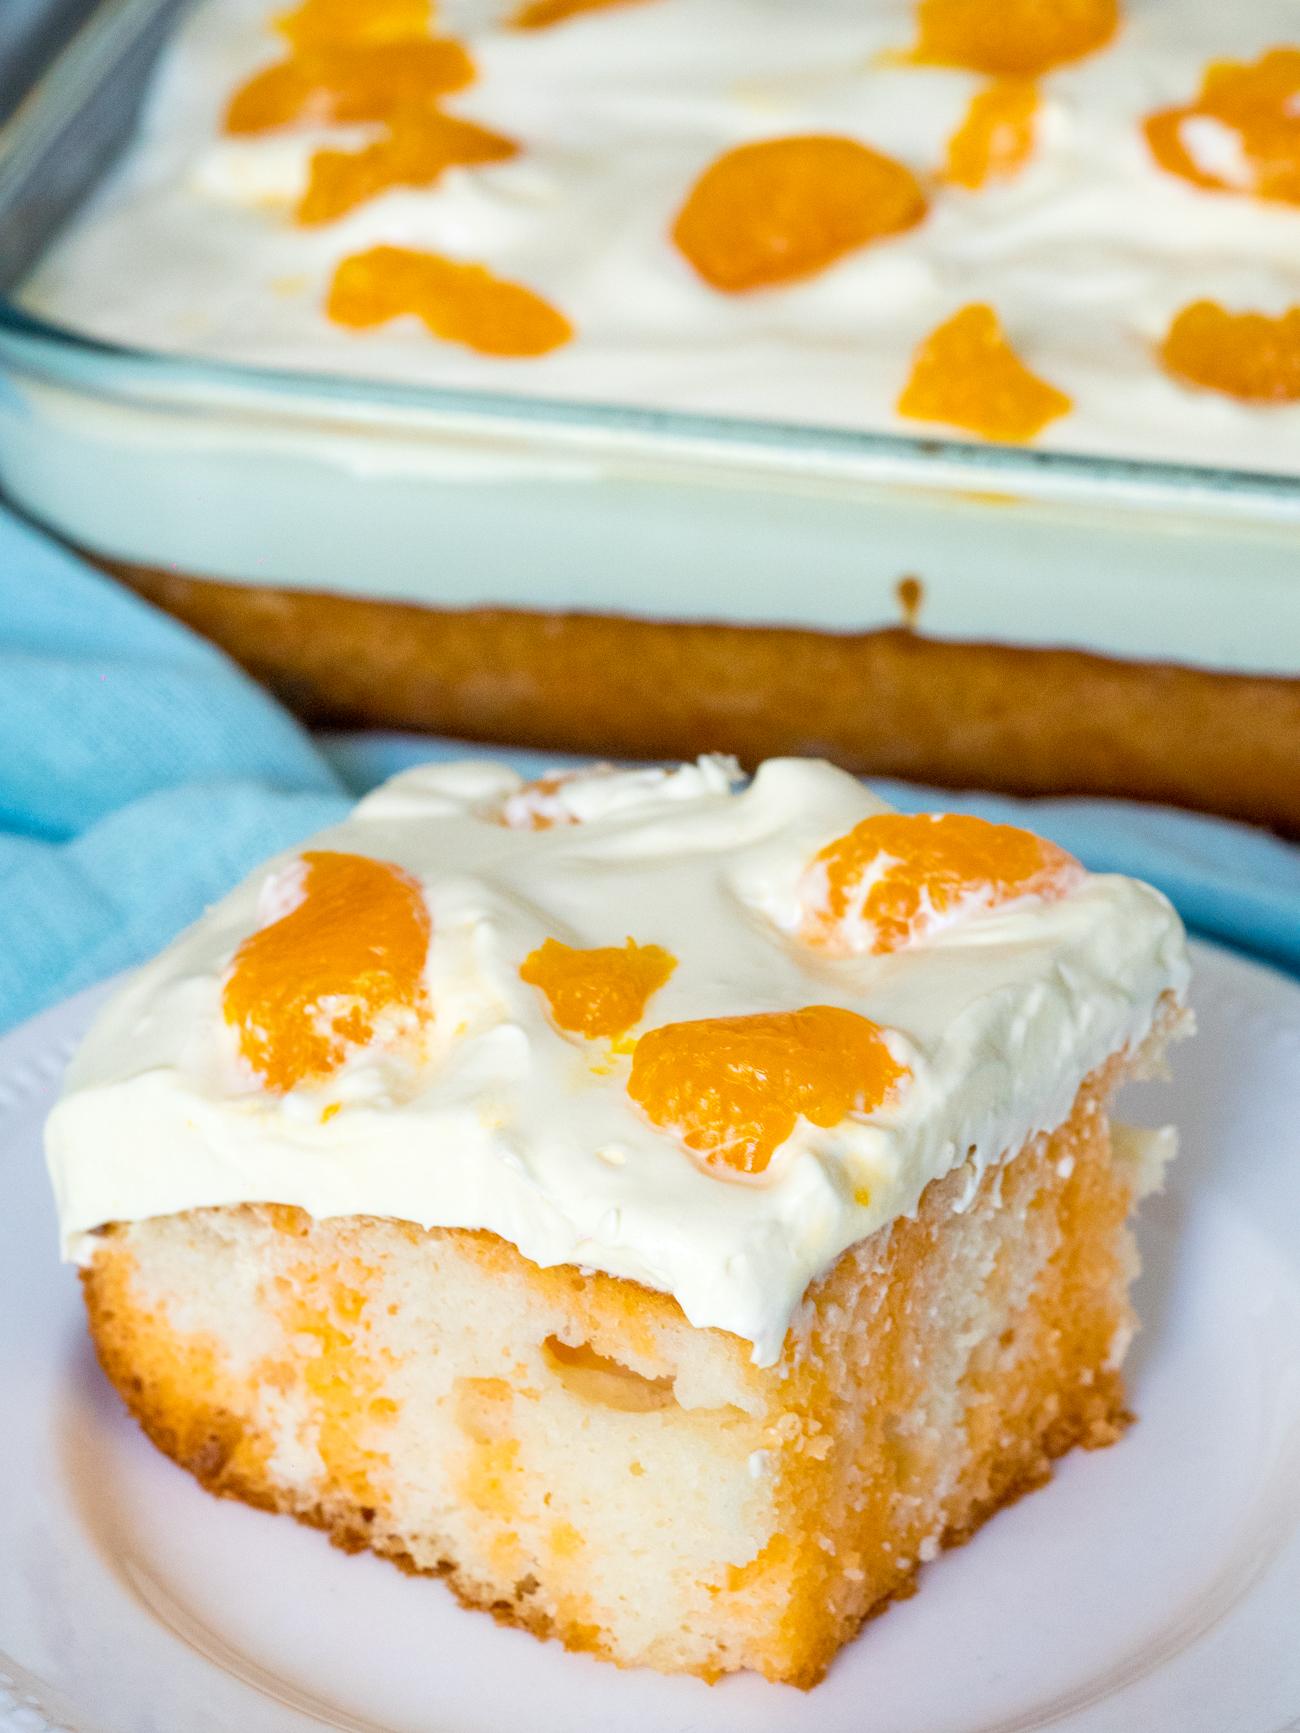 Creamiscle Poke Cake Vertical 4